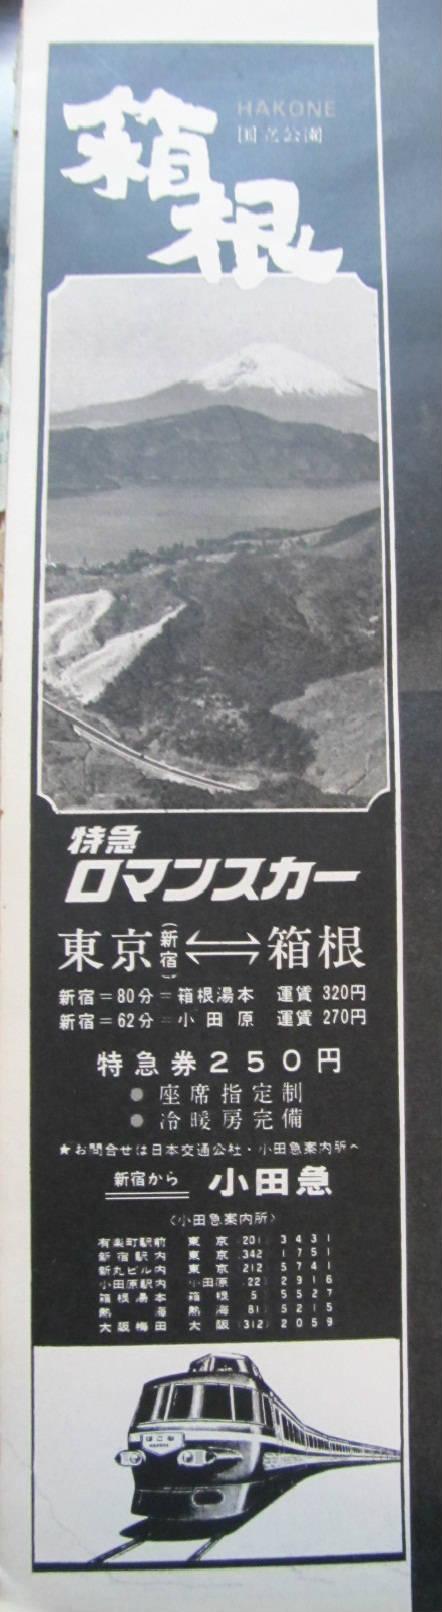 20111216・旅1-08